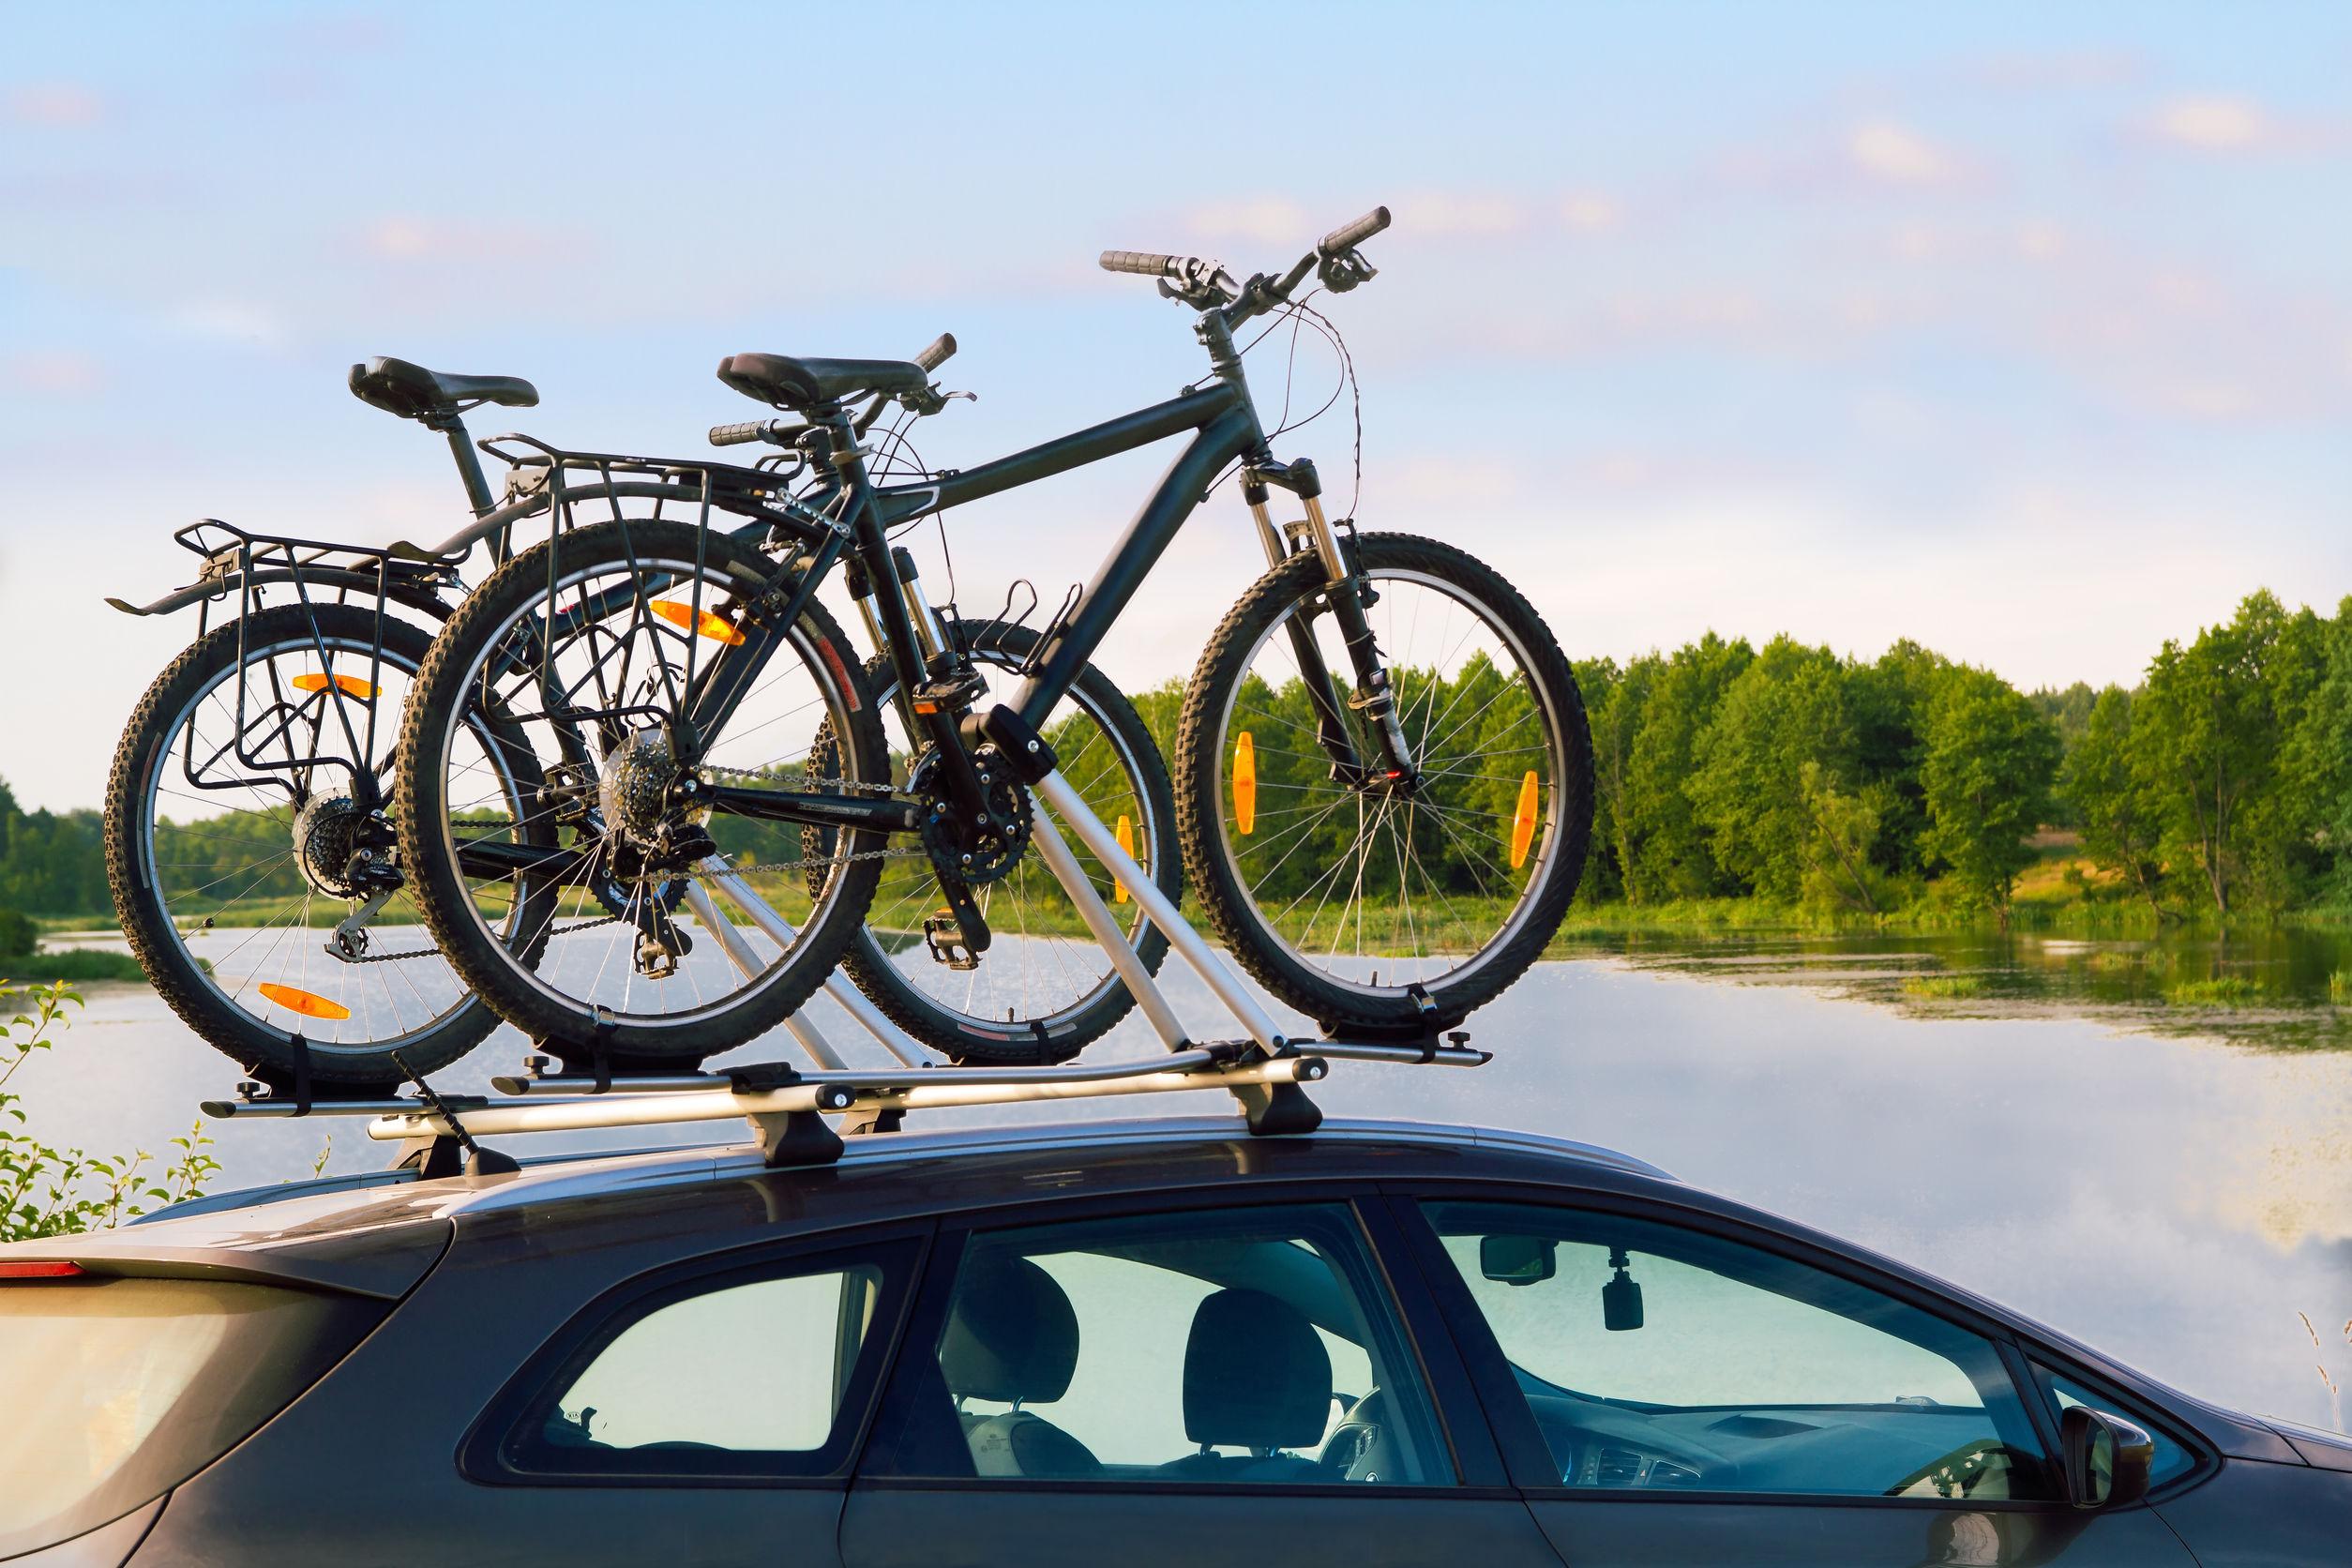 Fahrradträger: Test & Empfehlungen (08/20)